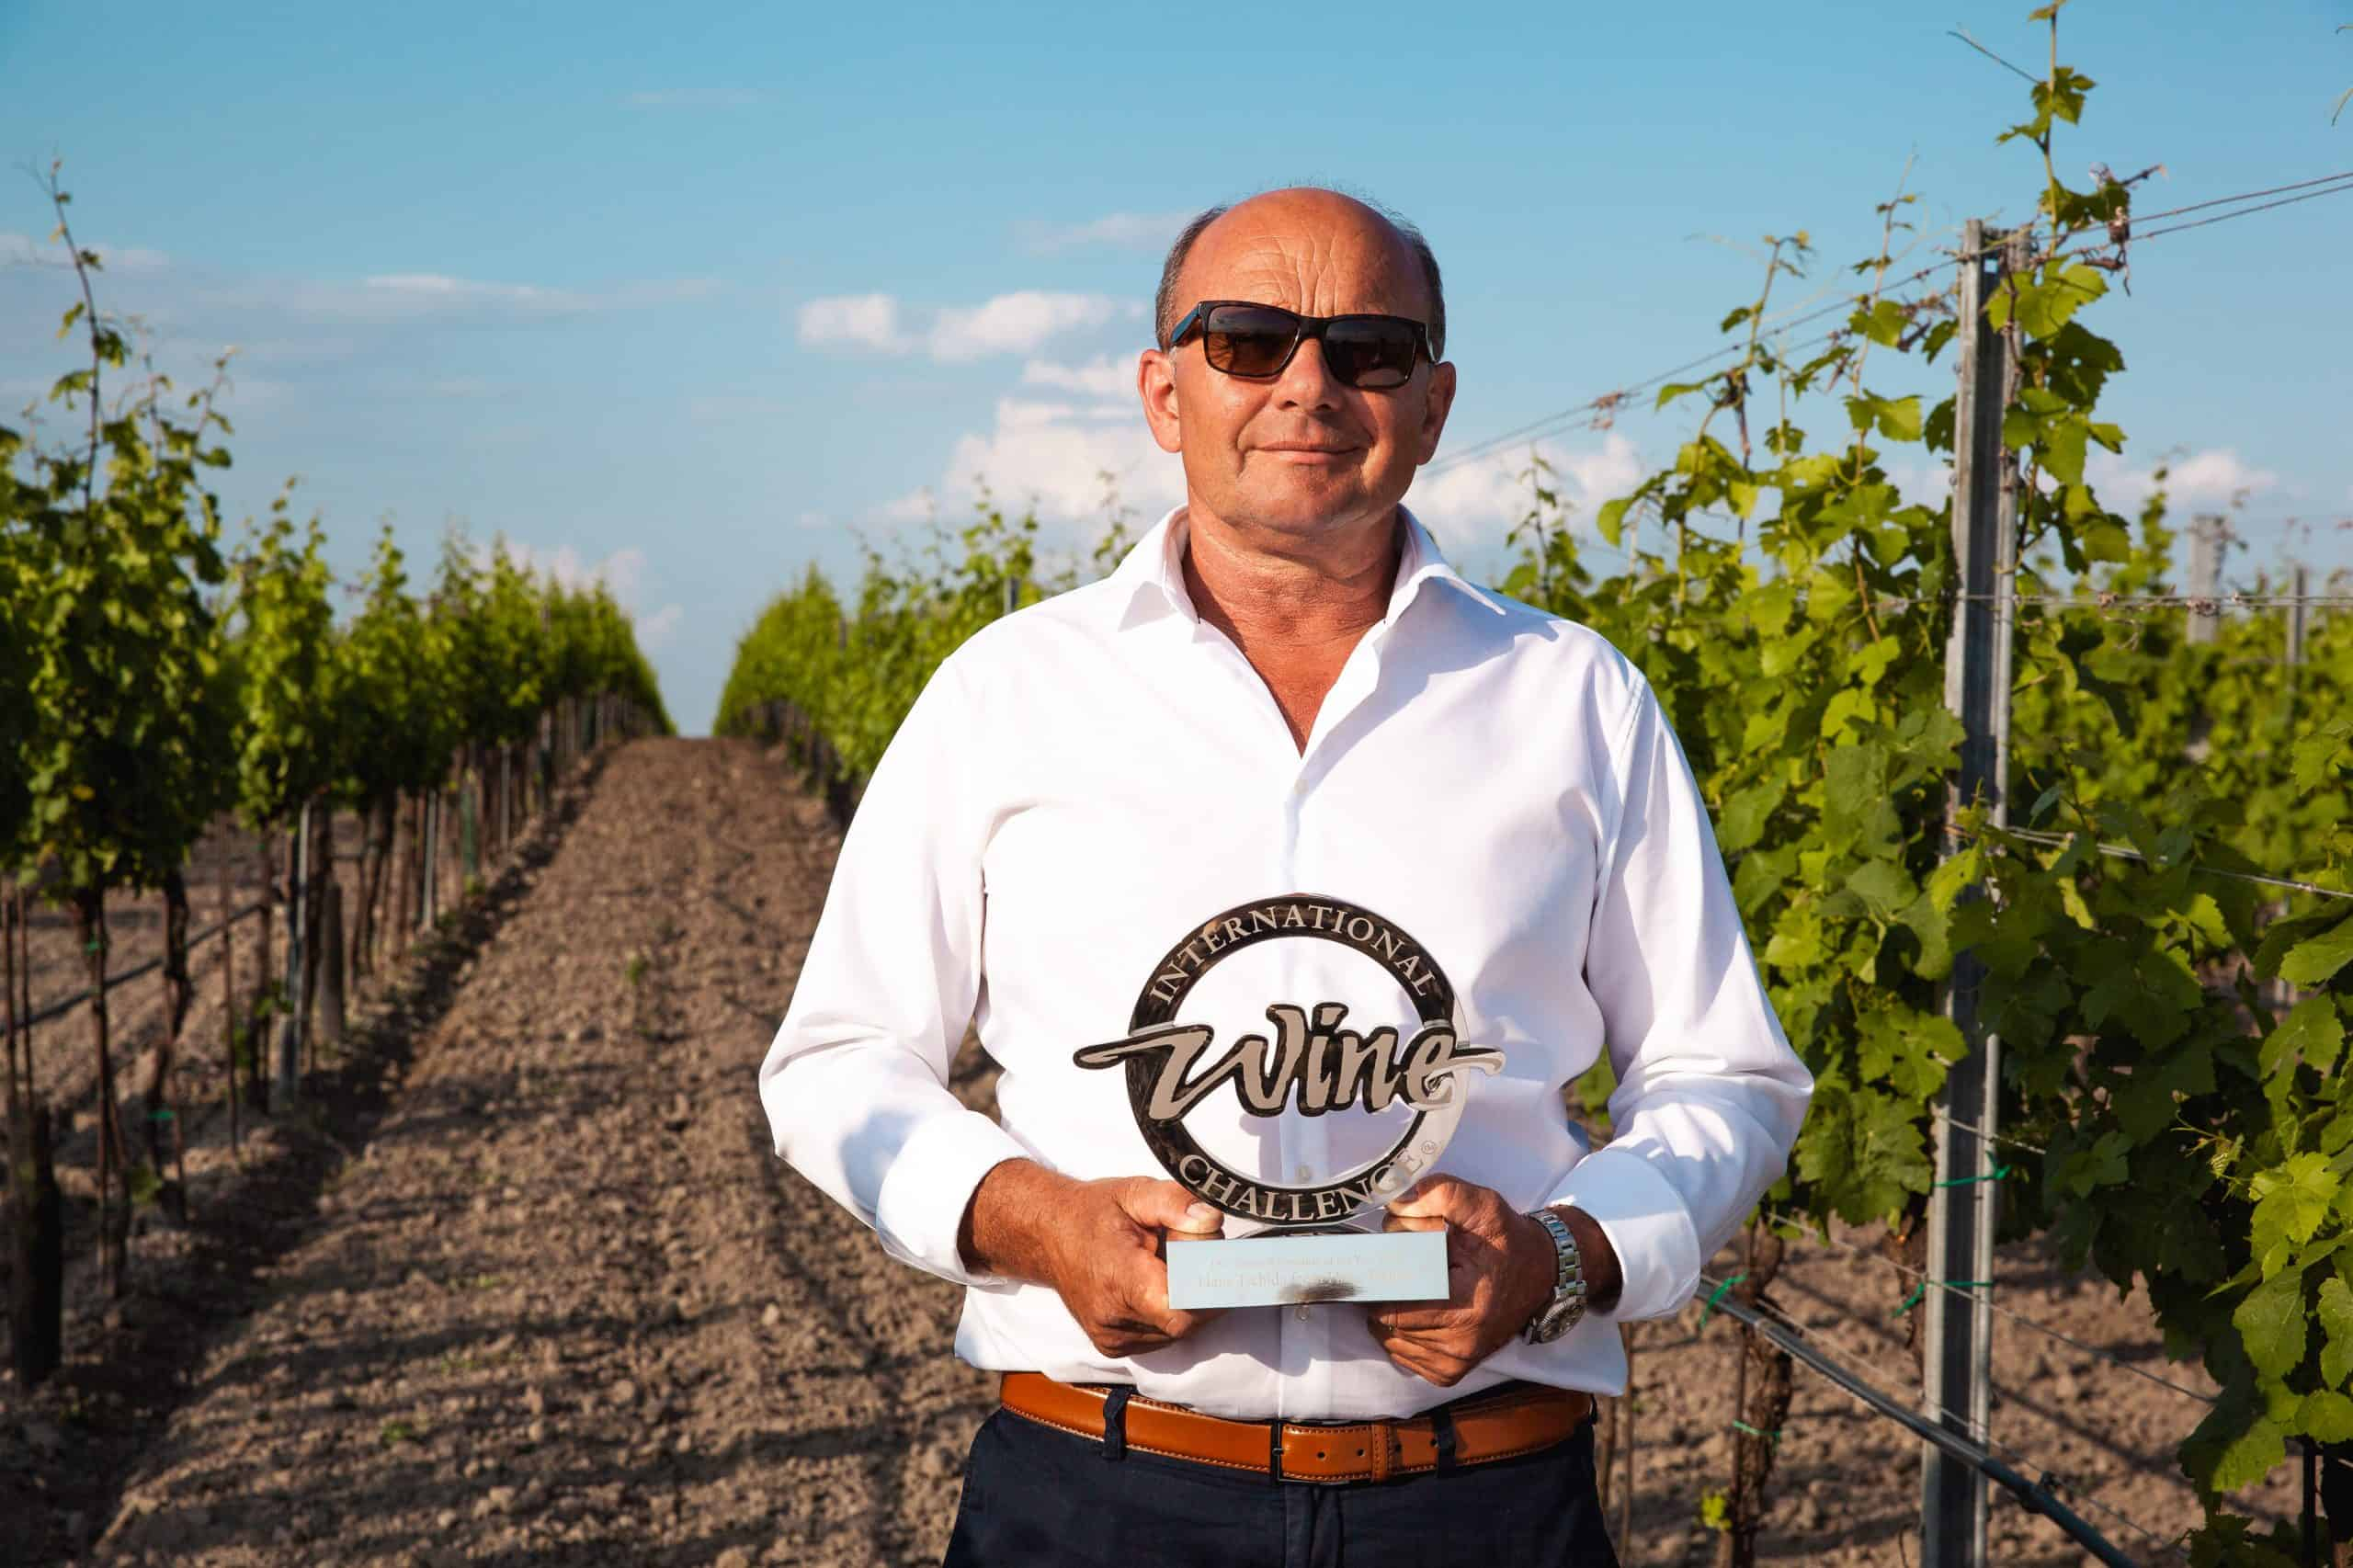 Hans Tschida mit Trophäe der International Wine Challenge